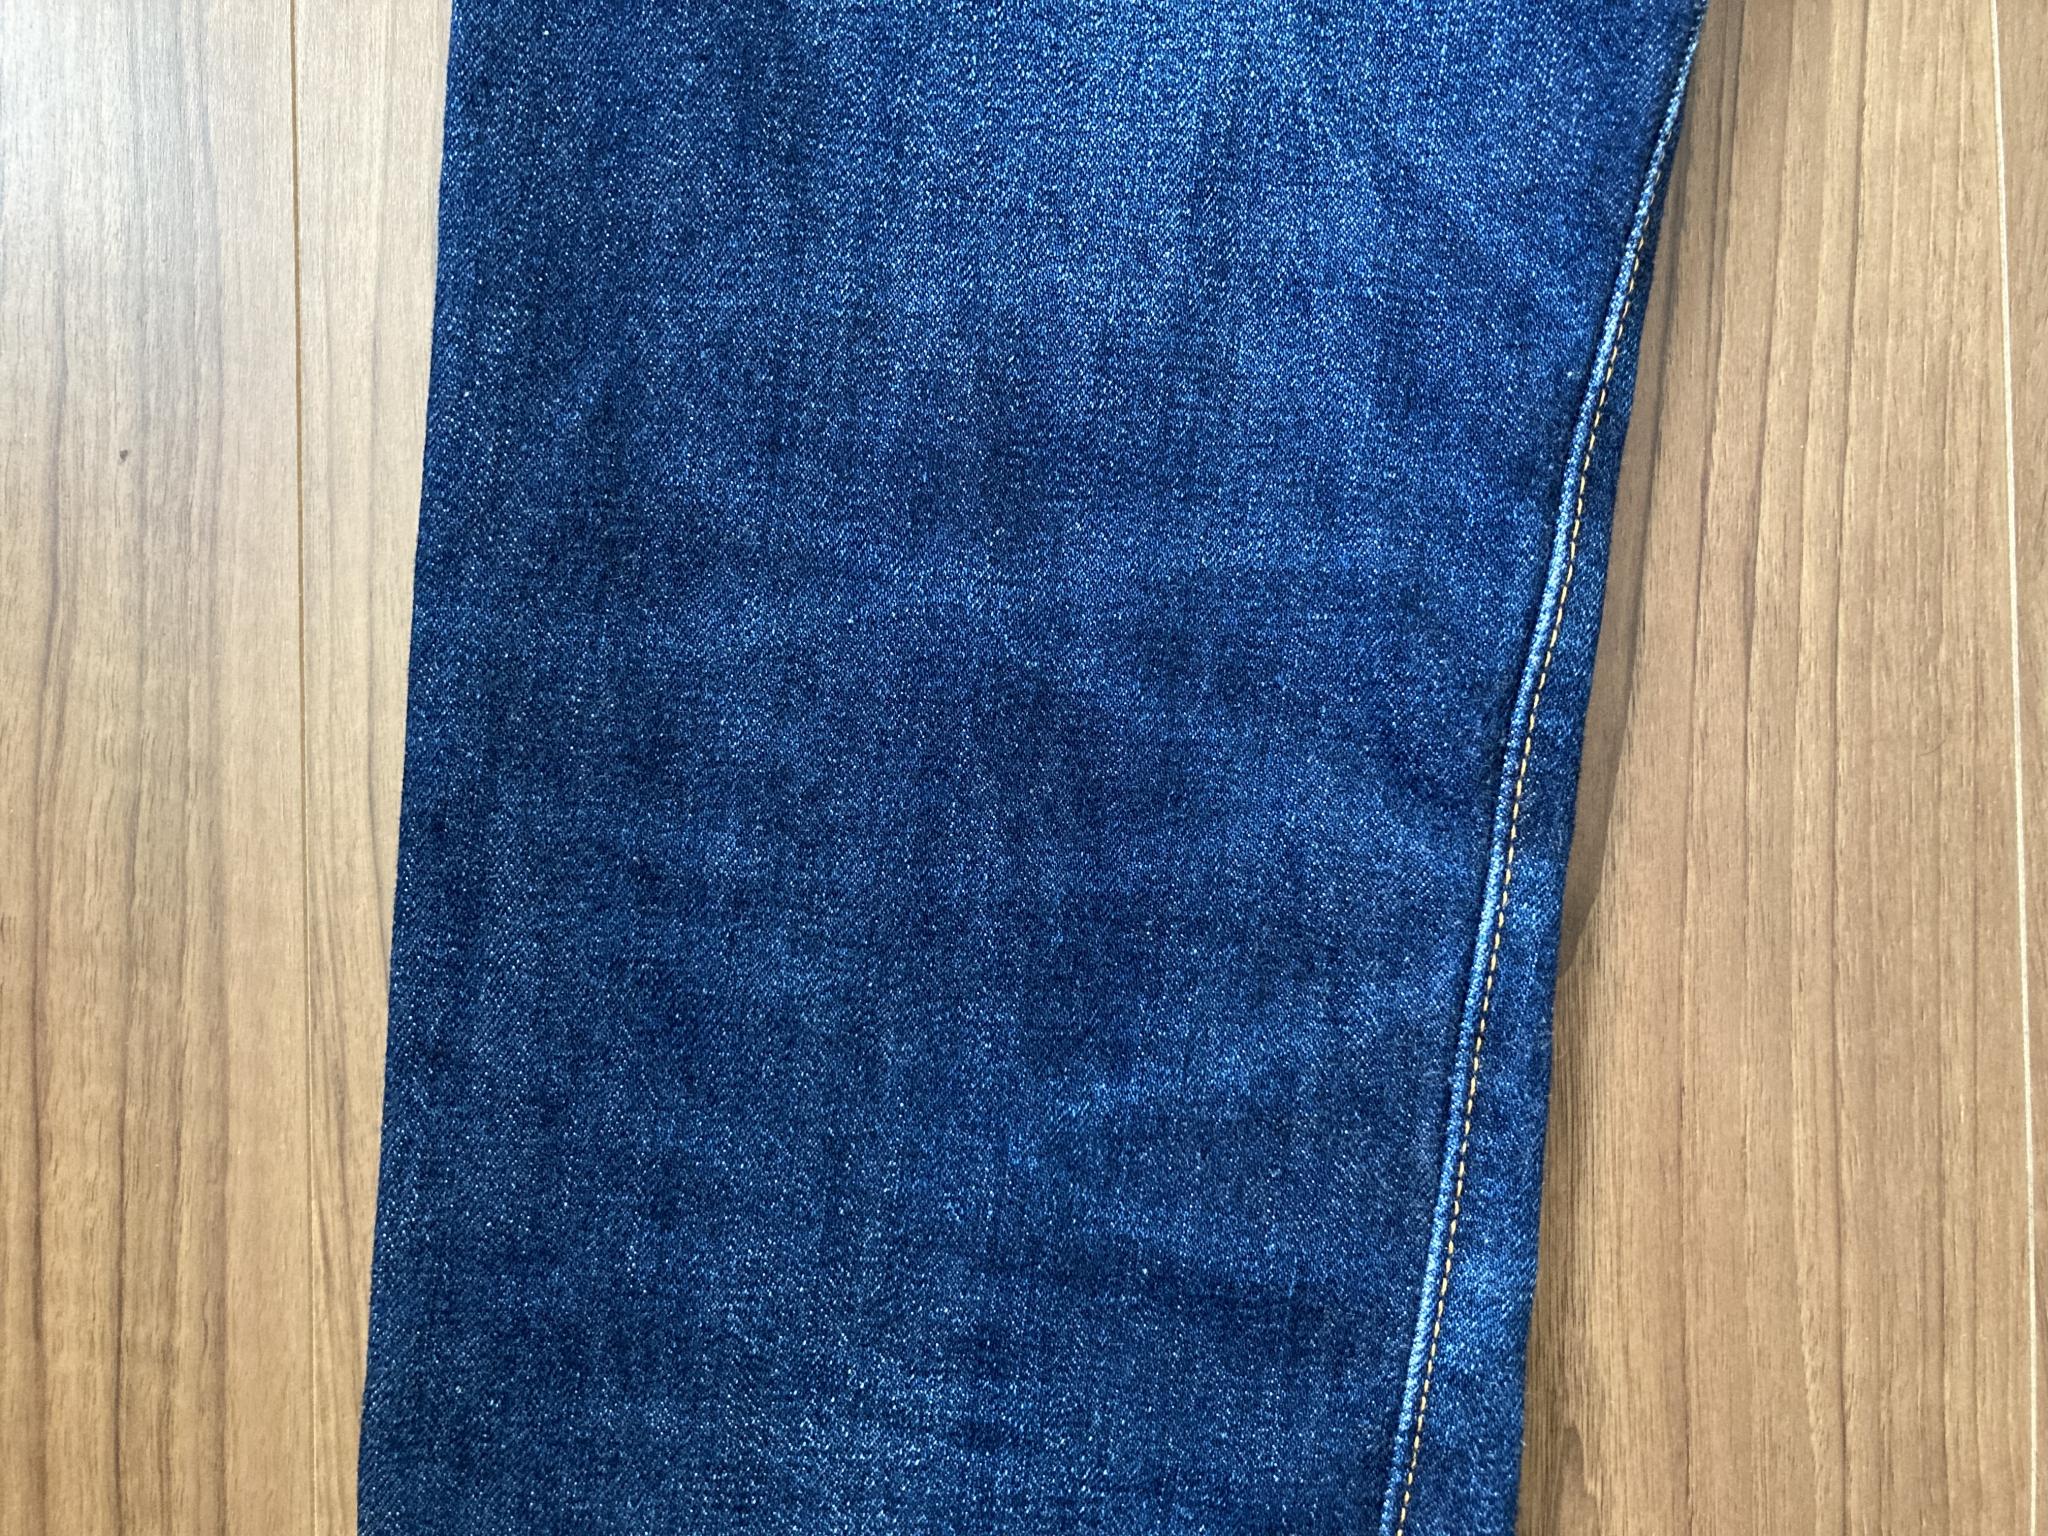 リゾルト Resolute 710 経年変化 エイジング 2075時間 洗濯 ハチノス